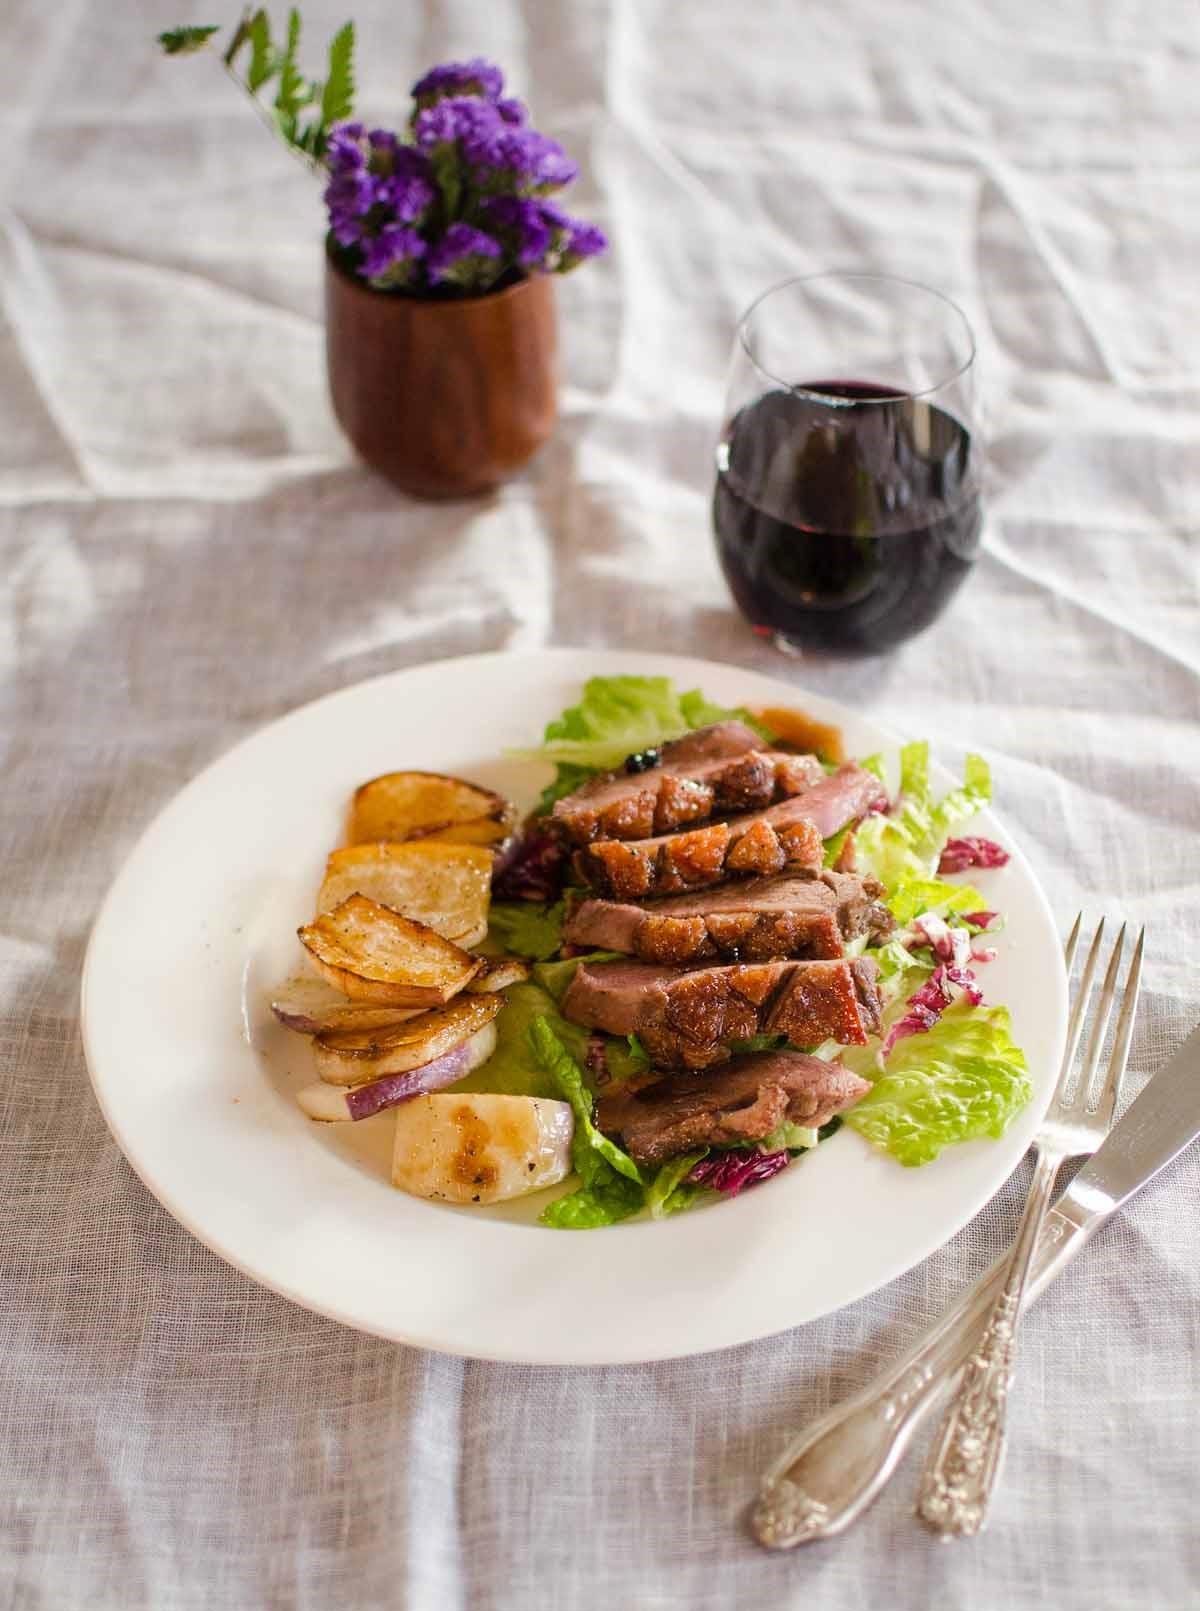 Repas romantique facile: filet de porc aux pommes de terre.